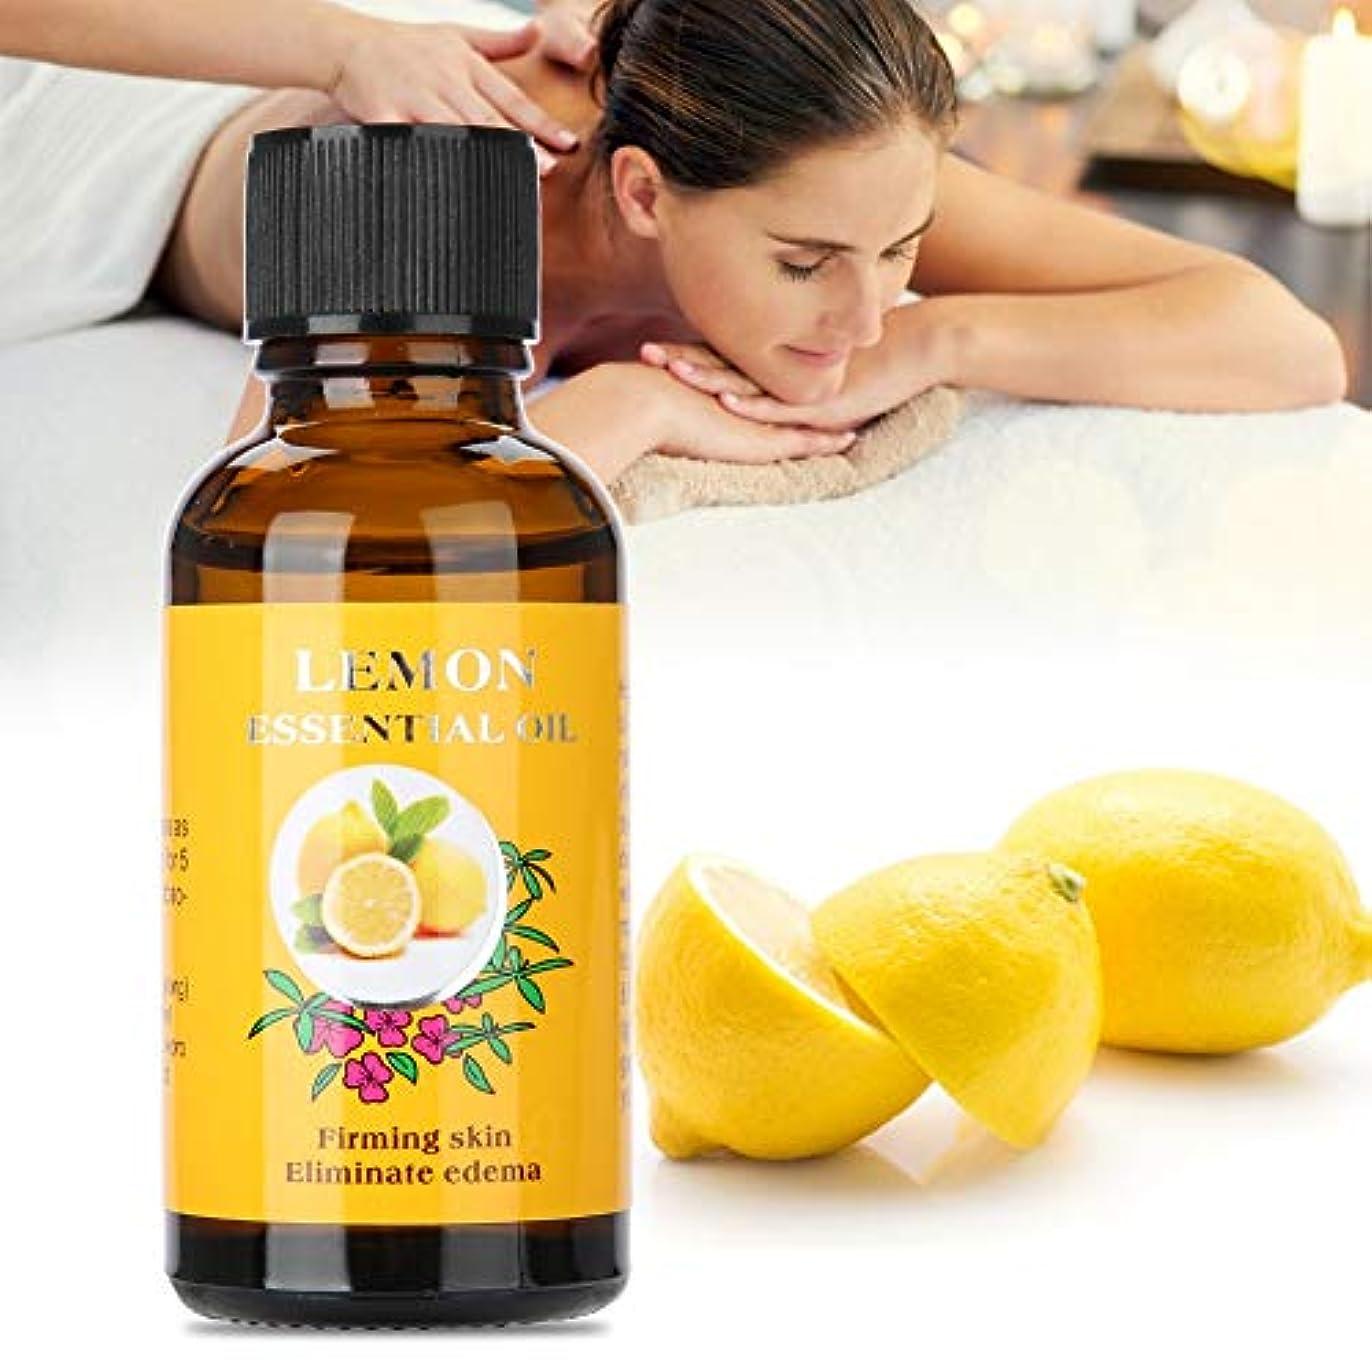 啓発するグリップレジ30ml レモンオイル マッサージ エッセンシャルオイル 保湿 スパアロマセラピー ボディ マッサージオイル